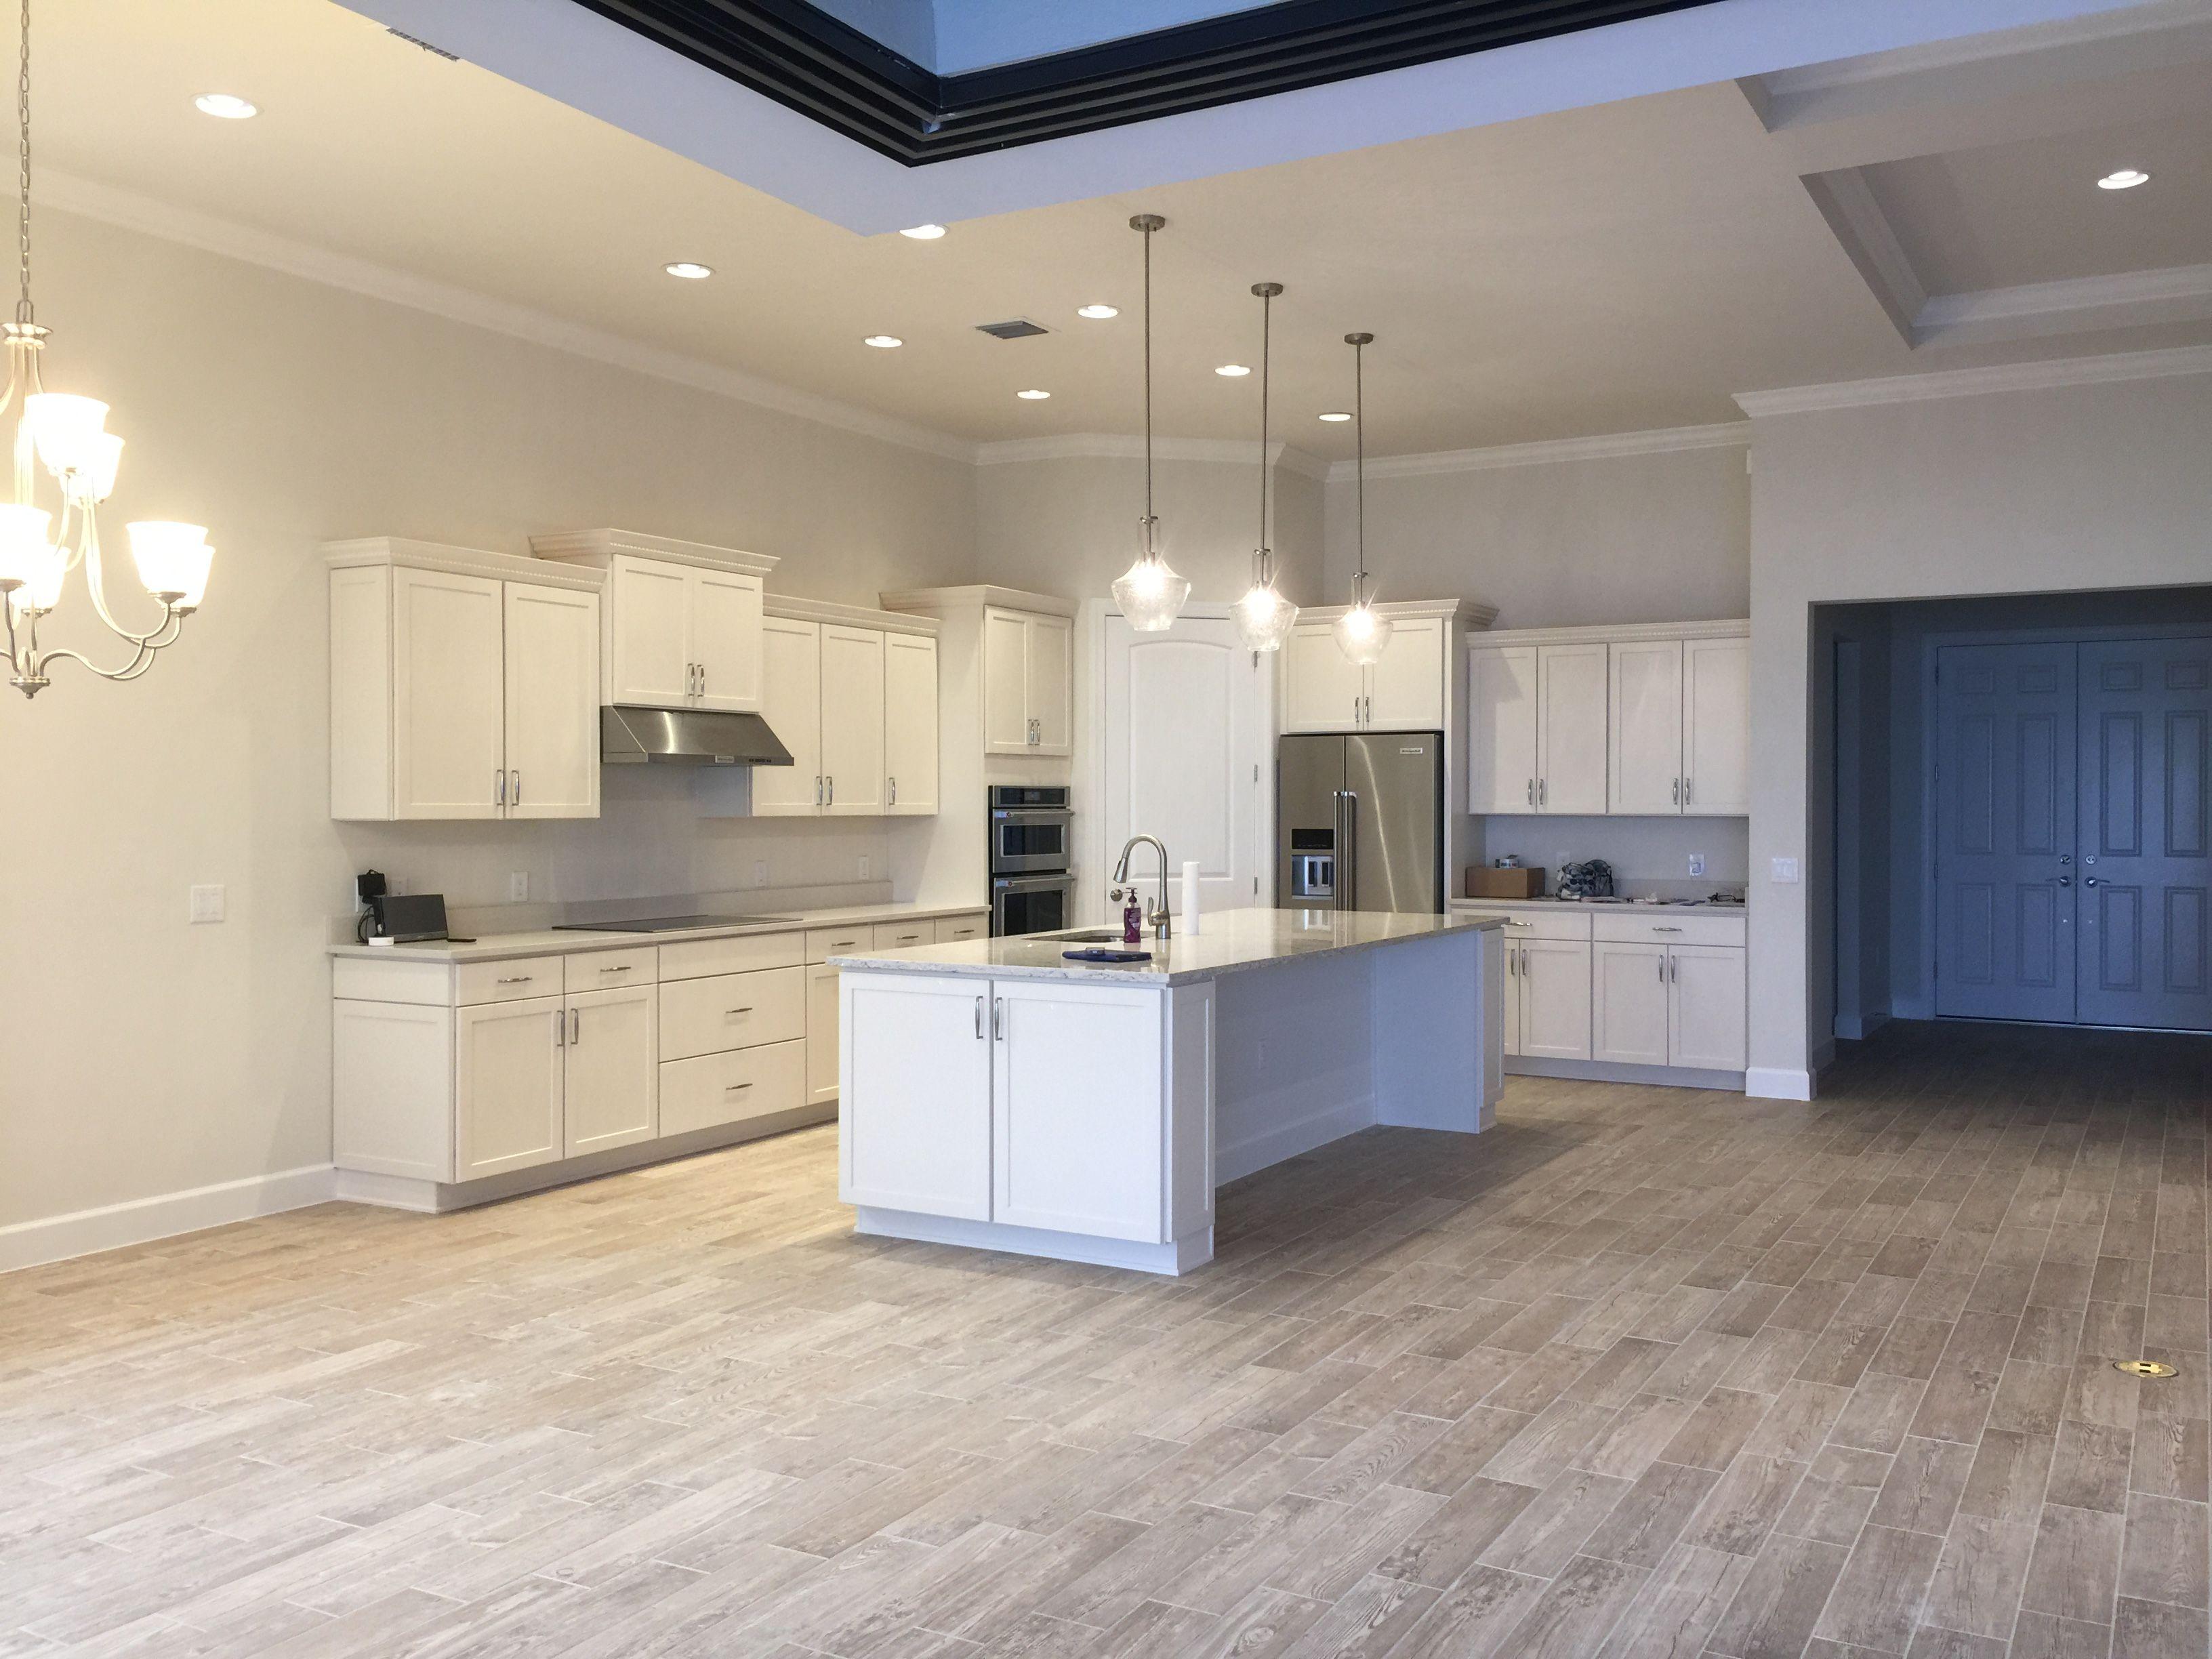 Best Off White Shaker Kitchen Cabinets Quartz Countertops 400 x 300